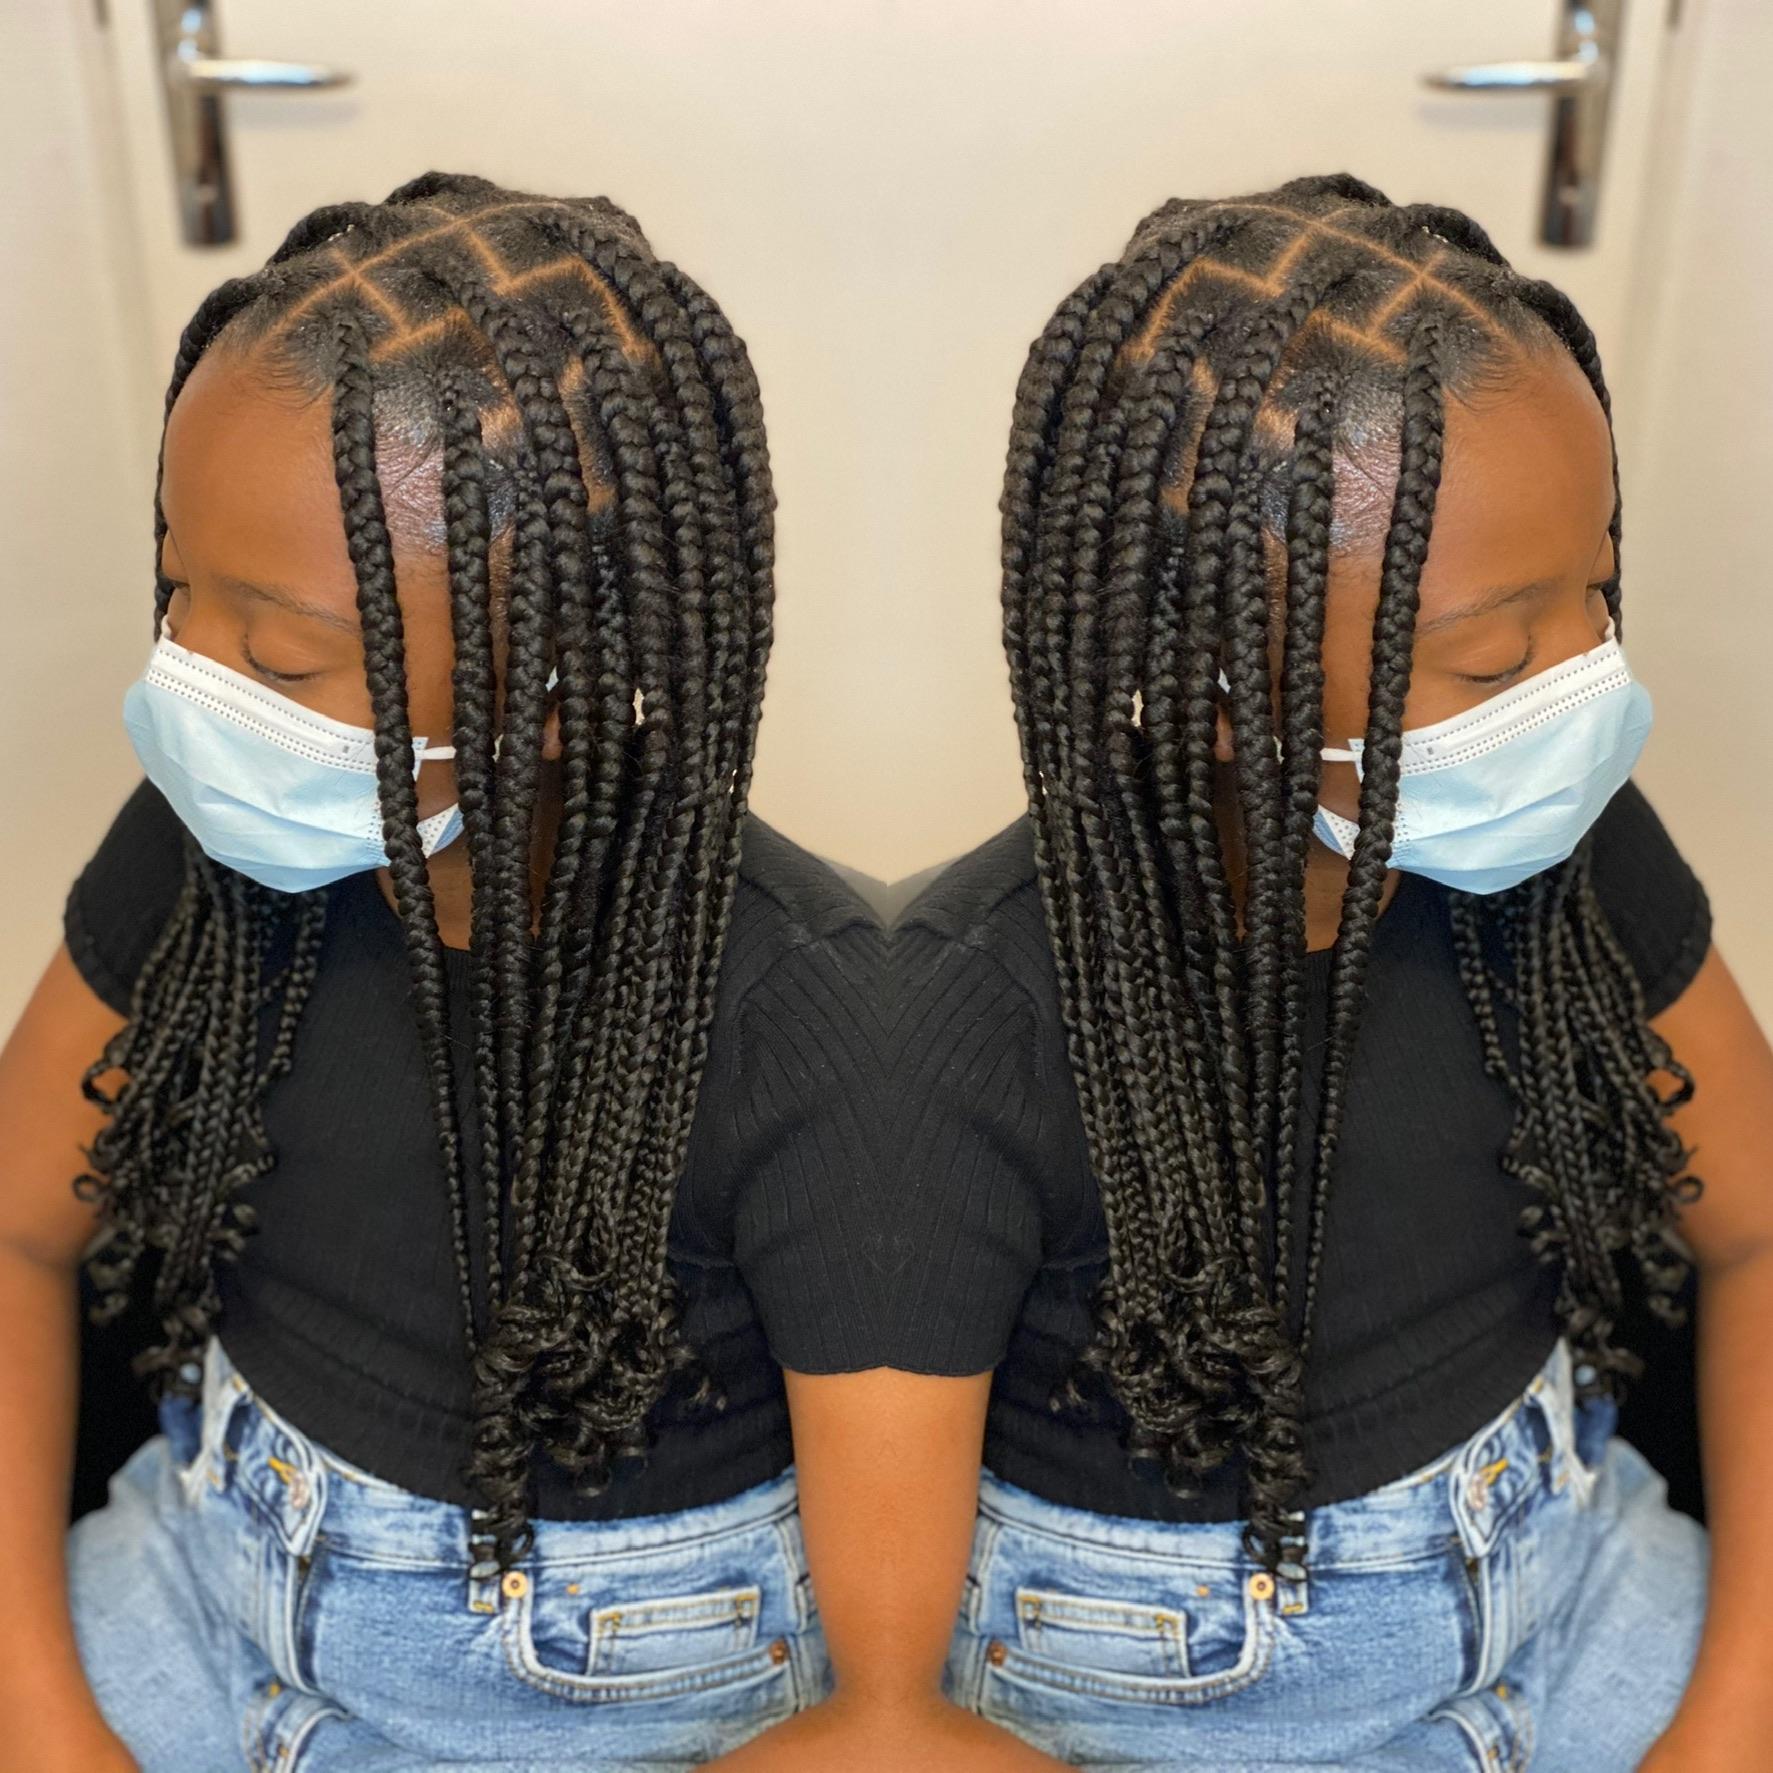 salon de coiffure afro tresse tresses box braids crochet braids vanilles tissages paris 75 77 78 91 92 93 94 95 QWAWRSYV